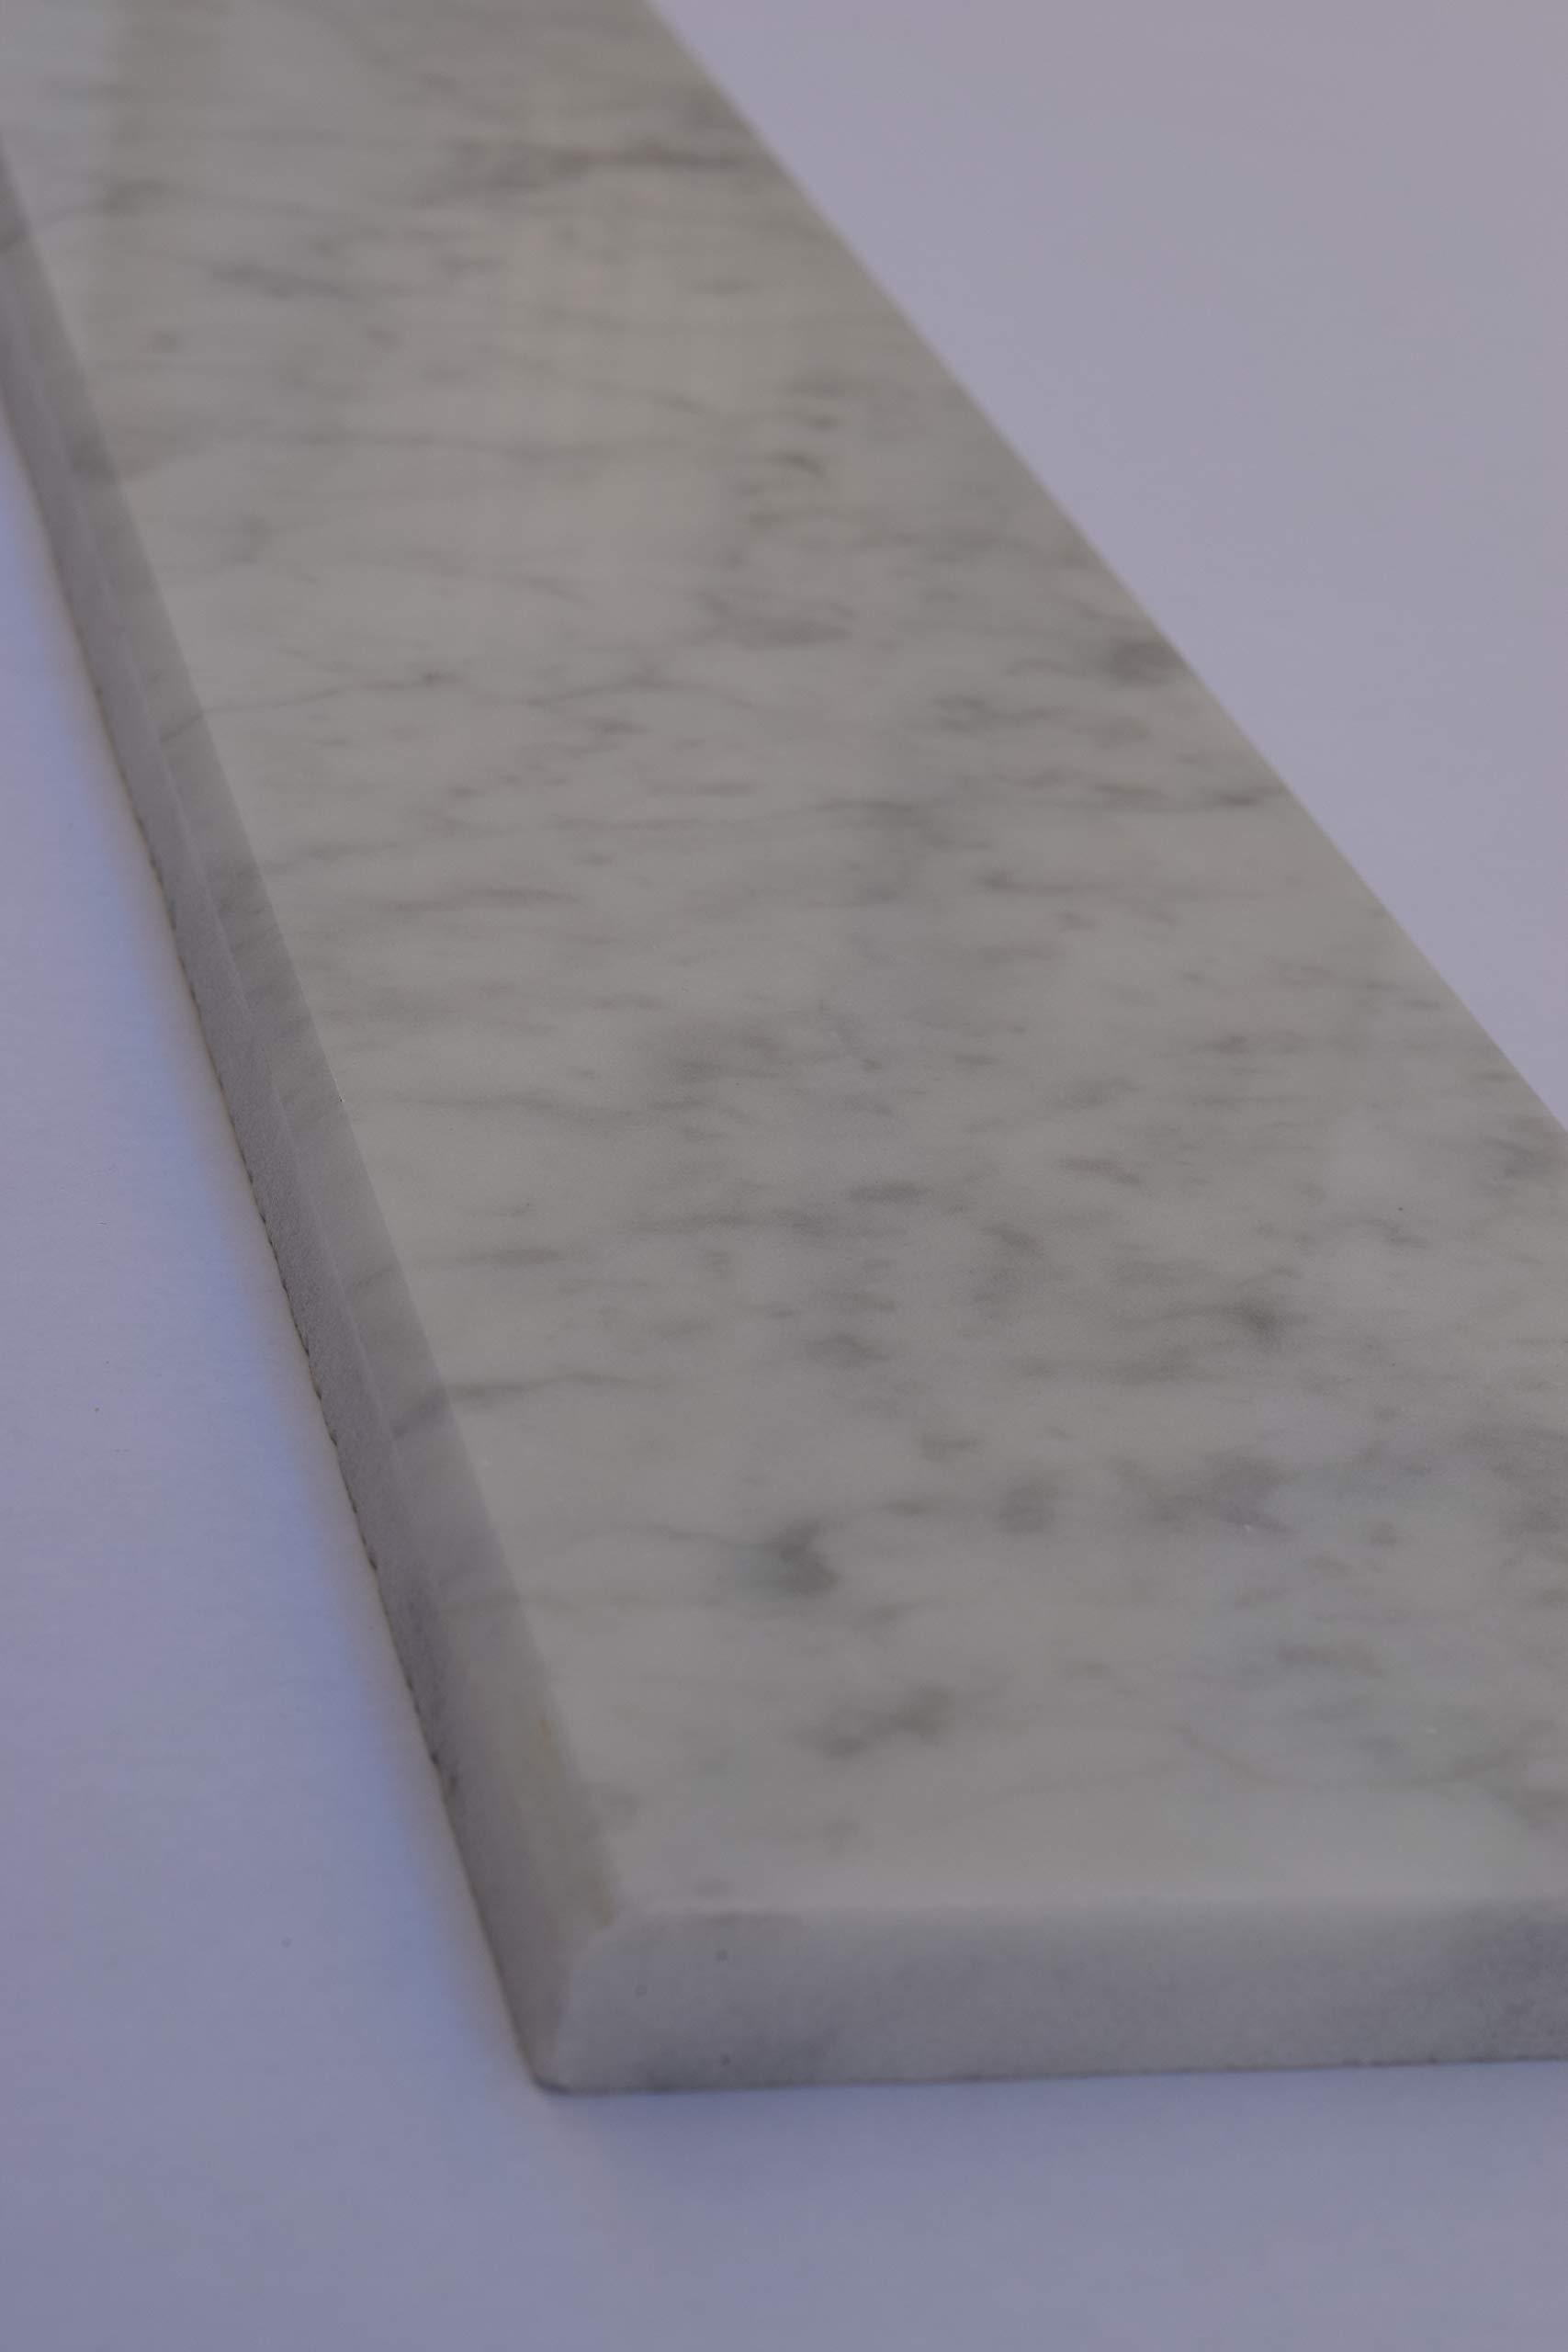 Marble White Carrara (Italy) Threshold (Saddle) 2 Sides Beveled 36''x 6''